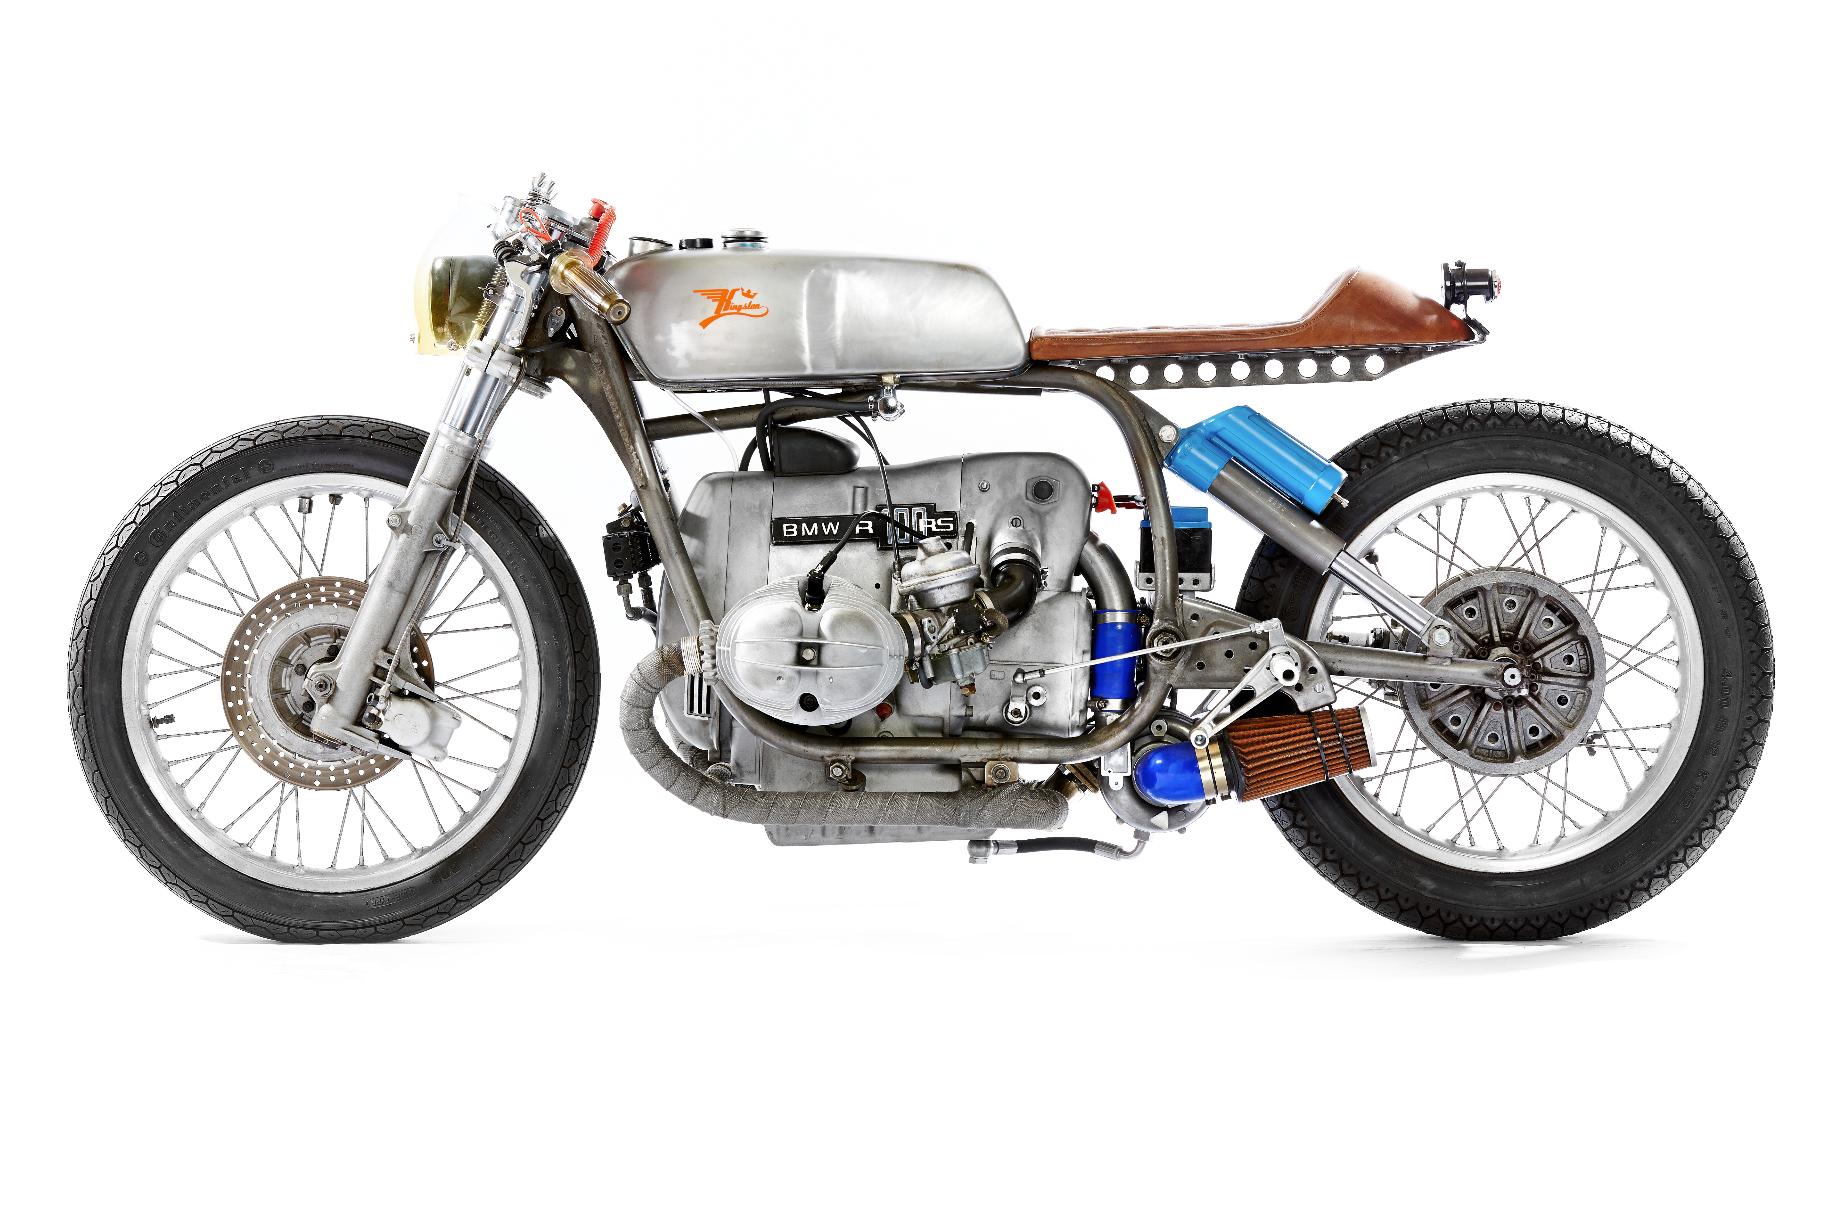 054 Motor Rausch